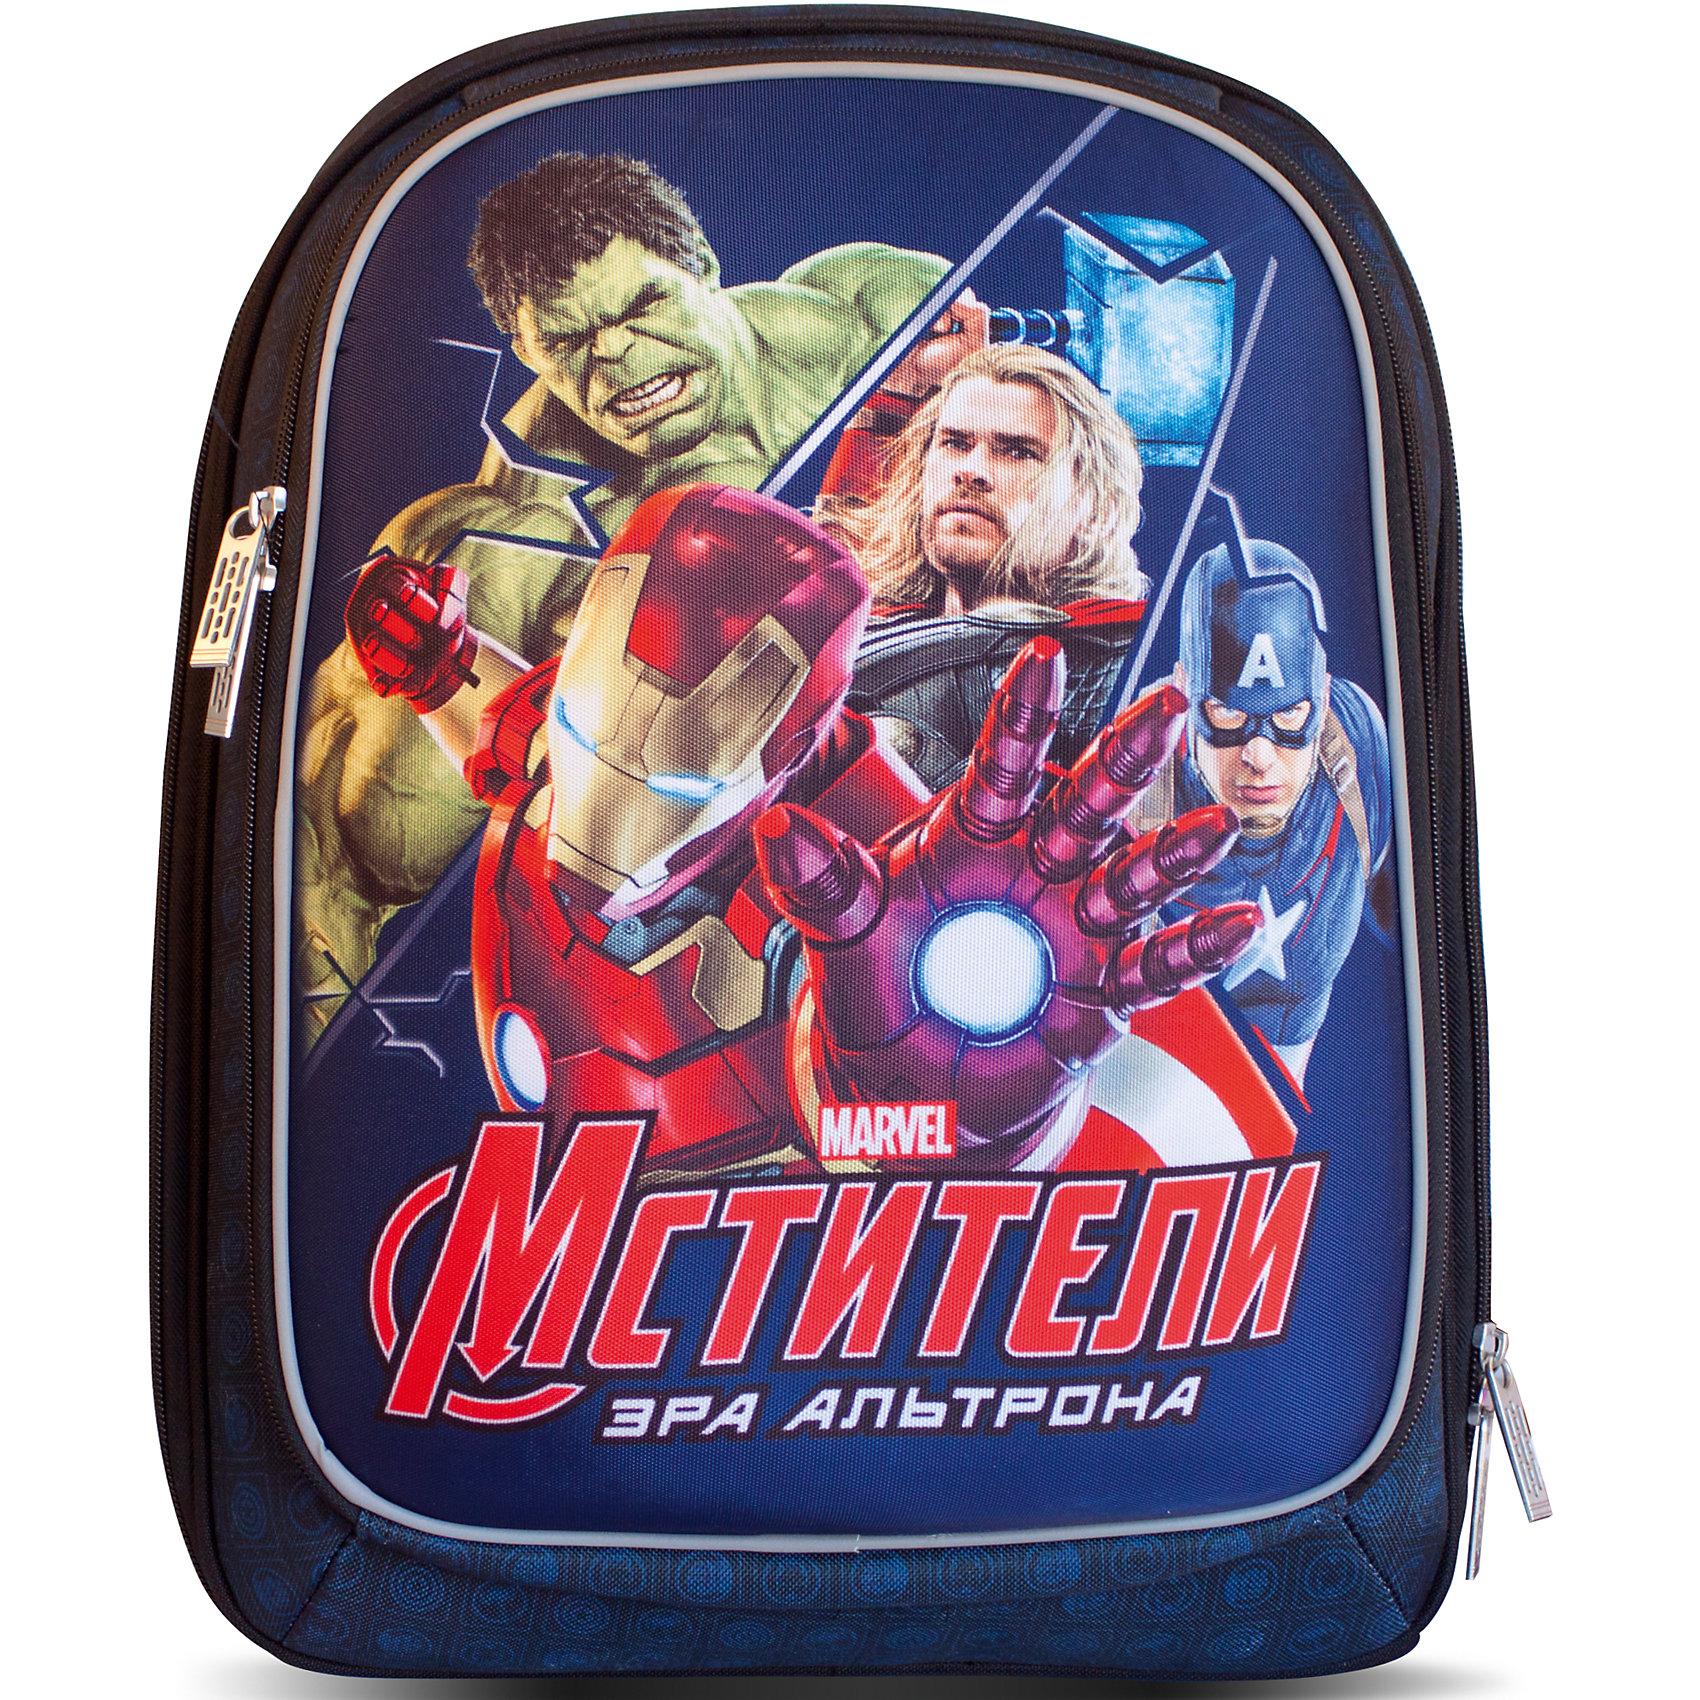 Жёсткий рюкзак МстителиМодный и вместительный жесткий рюкзак Marvel «Мстители» станет незаменимым помощником вашему ребенку в его школьной жизни. Аксессуар имеет два объемных отделения на молнии, свободно вмещающих формат А4: одно – основное, с двумя отсеками для тетрадей; второе – поменьше, с большим сетчатым карманом, подходящим для тетрадей или пенала. Ортопедическая спинка, усиленная дышащим плотным и мягким поролоном, равномерно распределяет нагрузку на позвоночник. Мягкие анатомические регулируемые лямки оберегают плечи ребенка от натирания. Светоотражающие элементы, расположенные на лицевом отделении и лямках, повышают безопасность ребенка на дороге в темное время суток. Прорезиненная ручка удобна для переноски рюкзака в руке. <br>Аксессуар декорирован модным принтом (сублимированной печатью). <br><br>Дополнительная информация:<br><br>Размер: 38х26х19,5 см.<br>Вес: 1030 г.<br><br>Жёсткий рюкзак Мстители можно купить в нашем магазине.<br><br>Ширина мм: 420<br>Глубина мм: 300<br>Высота мм: 240<br>Вес г: 1030<br>Возраст от месяцев: 36<br>Возраст до месяцев: 120<br>Пол: Мужской<br>Возраст: Детский<br>SKU: 4646746